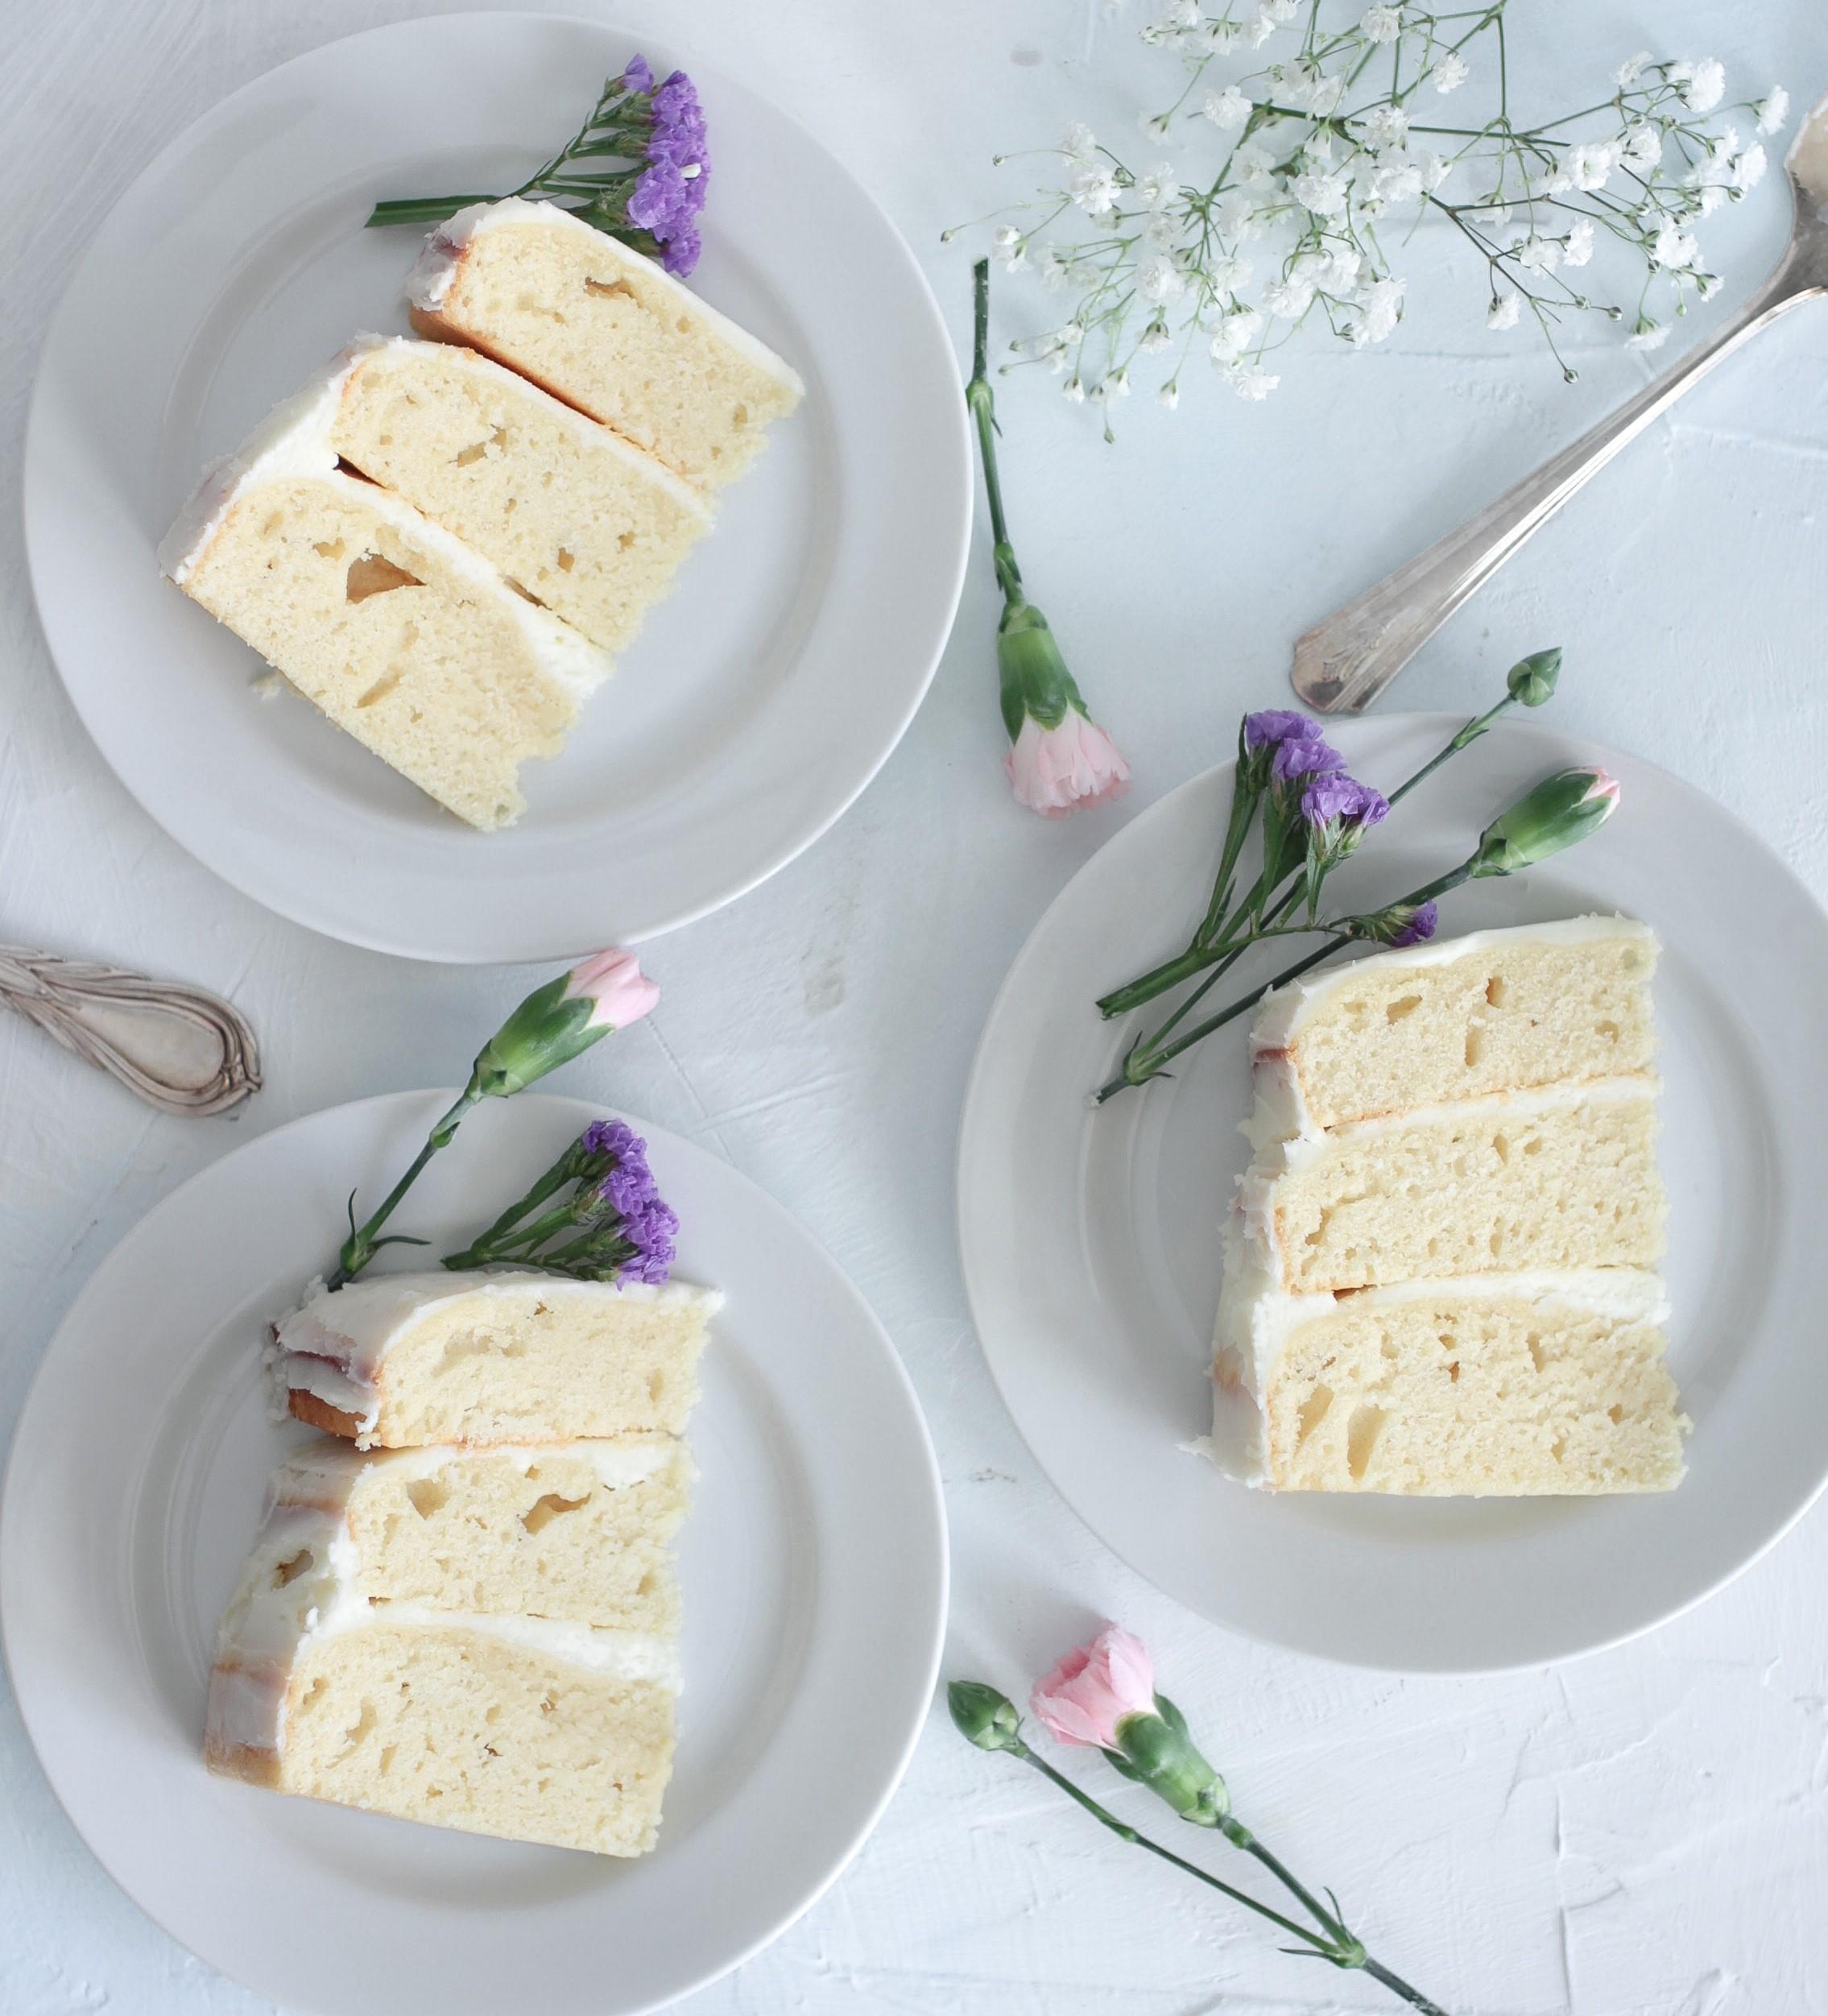 vegan cakes displayed on china plates